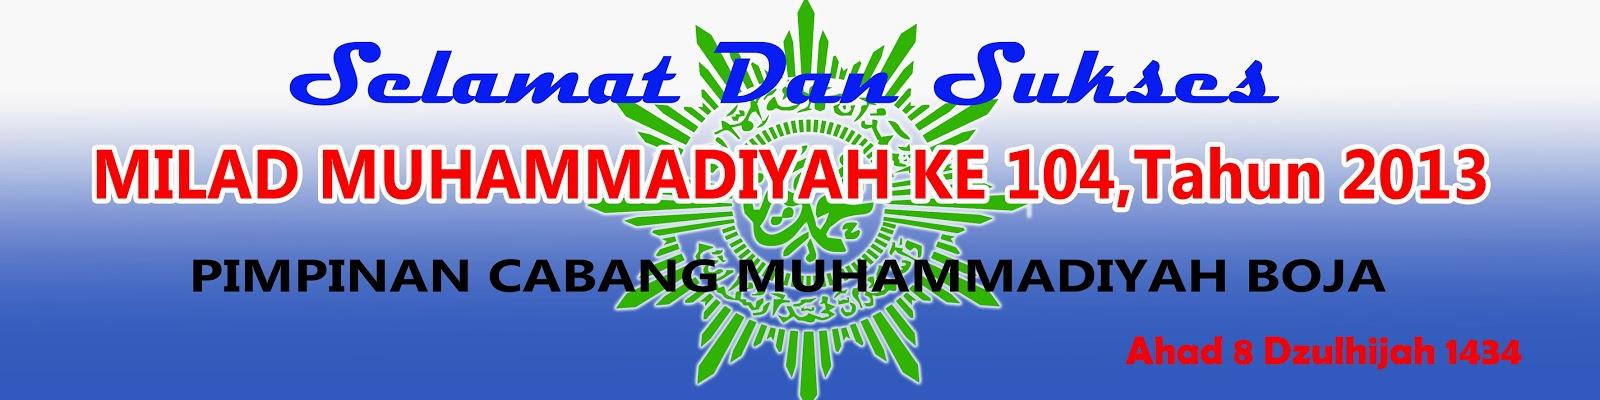 KEGIATAN MILAD MUHAMMADIYAH KE 104